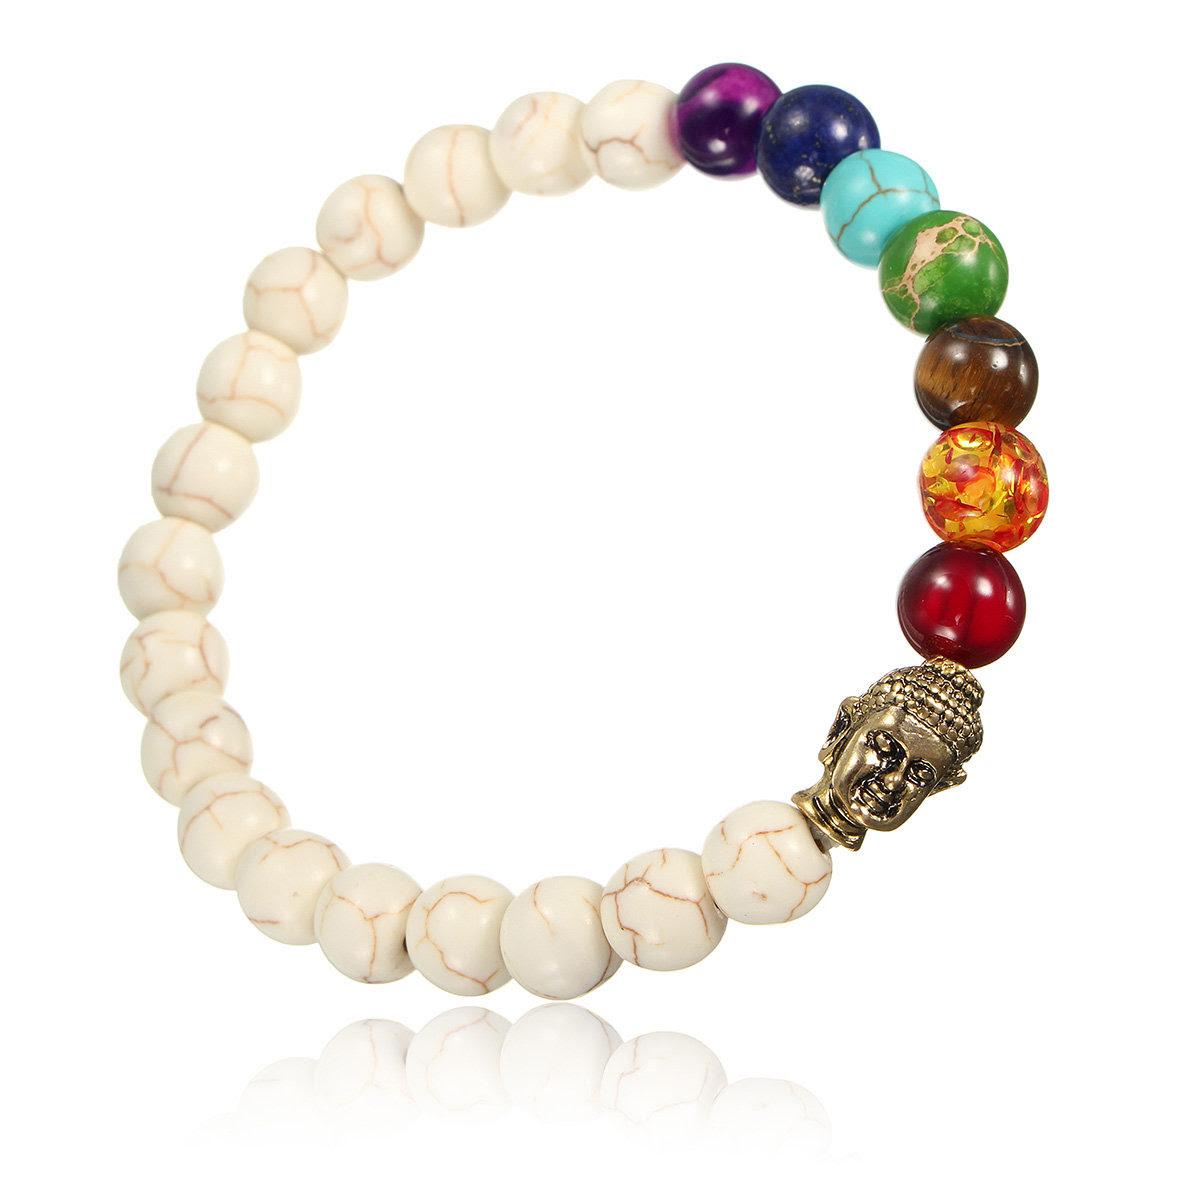 8mm White Turquoise Beads Buddha Bracelet